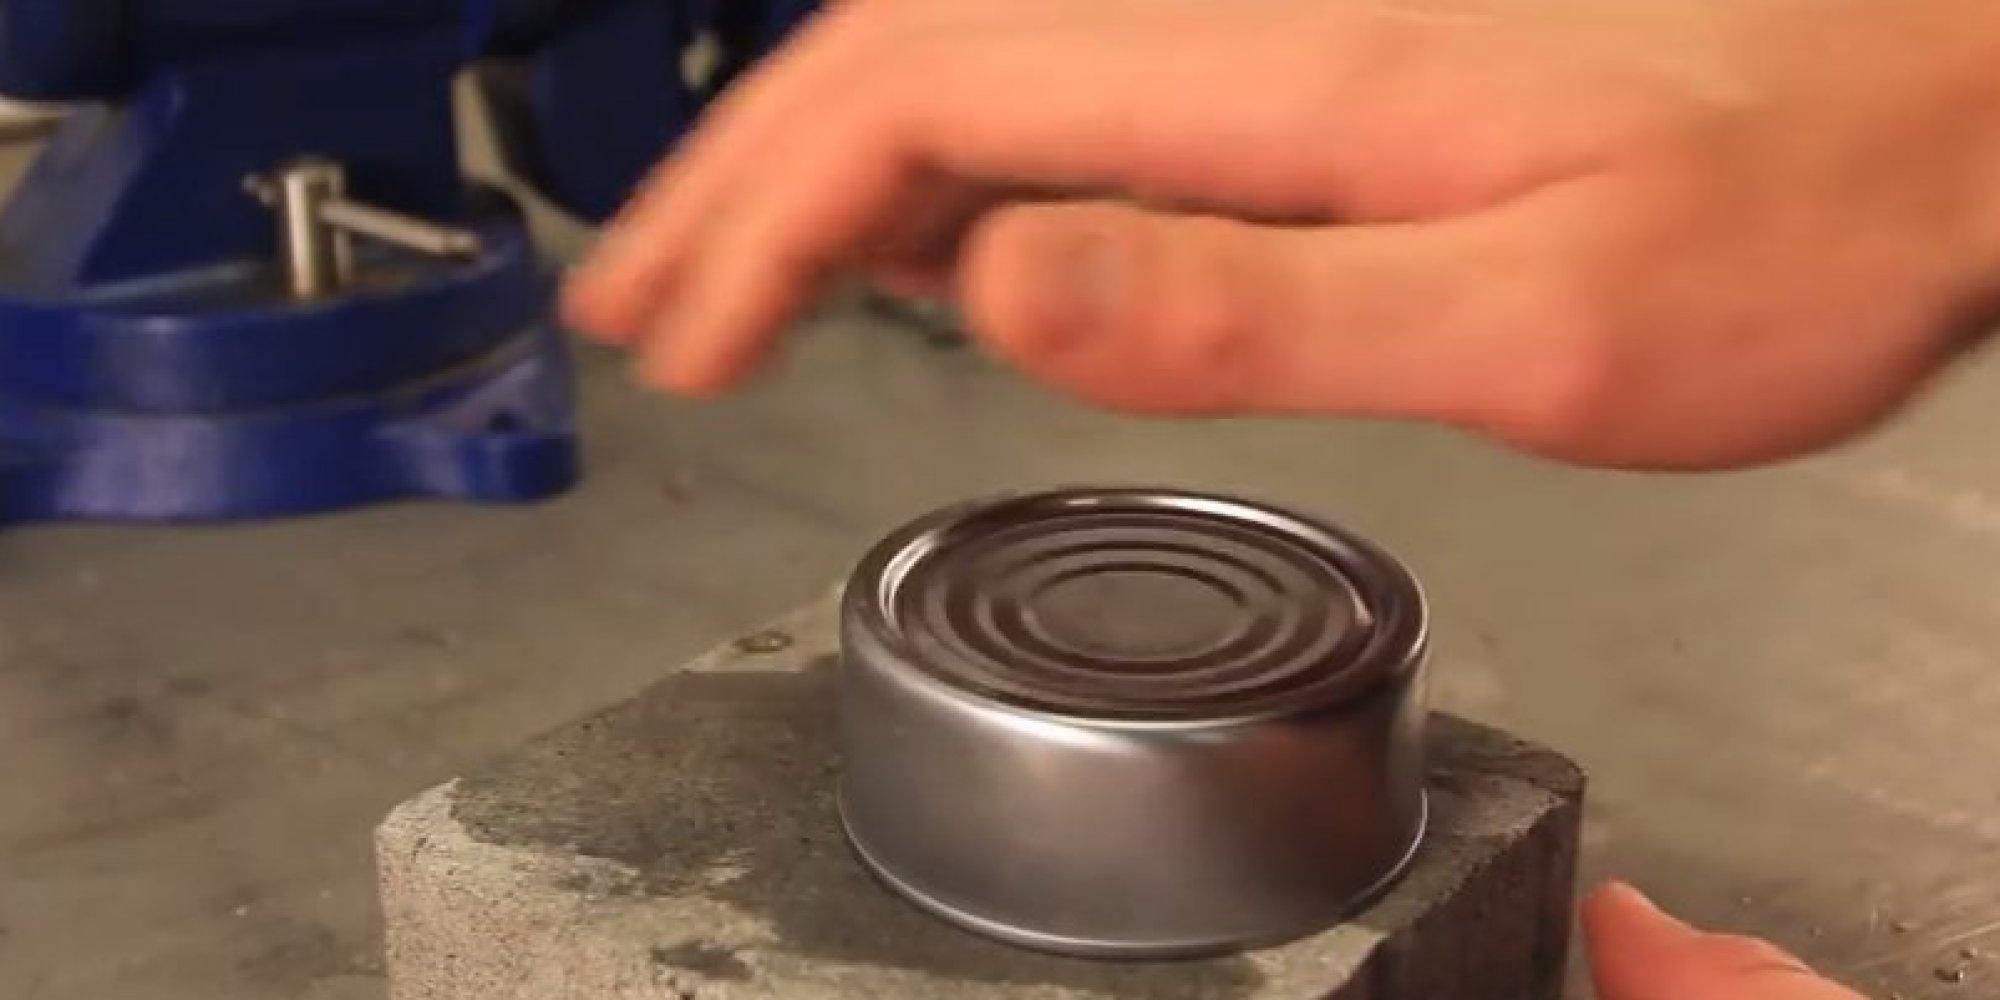 Come aprire scatoletta tonno senza apriscatole